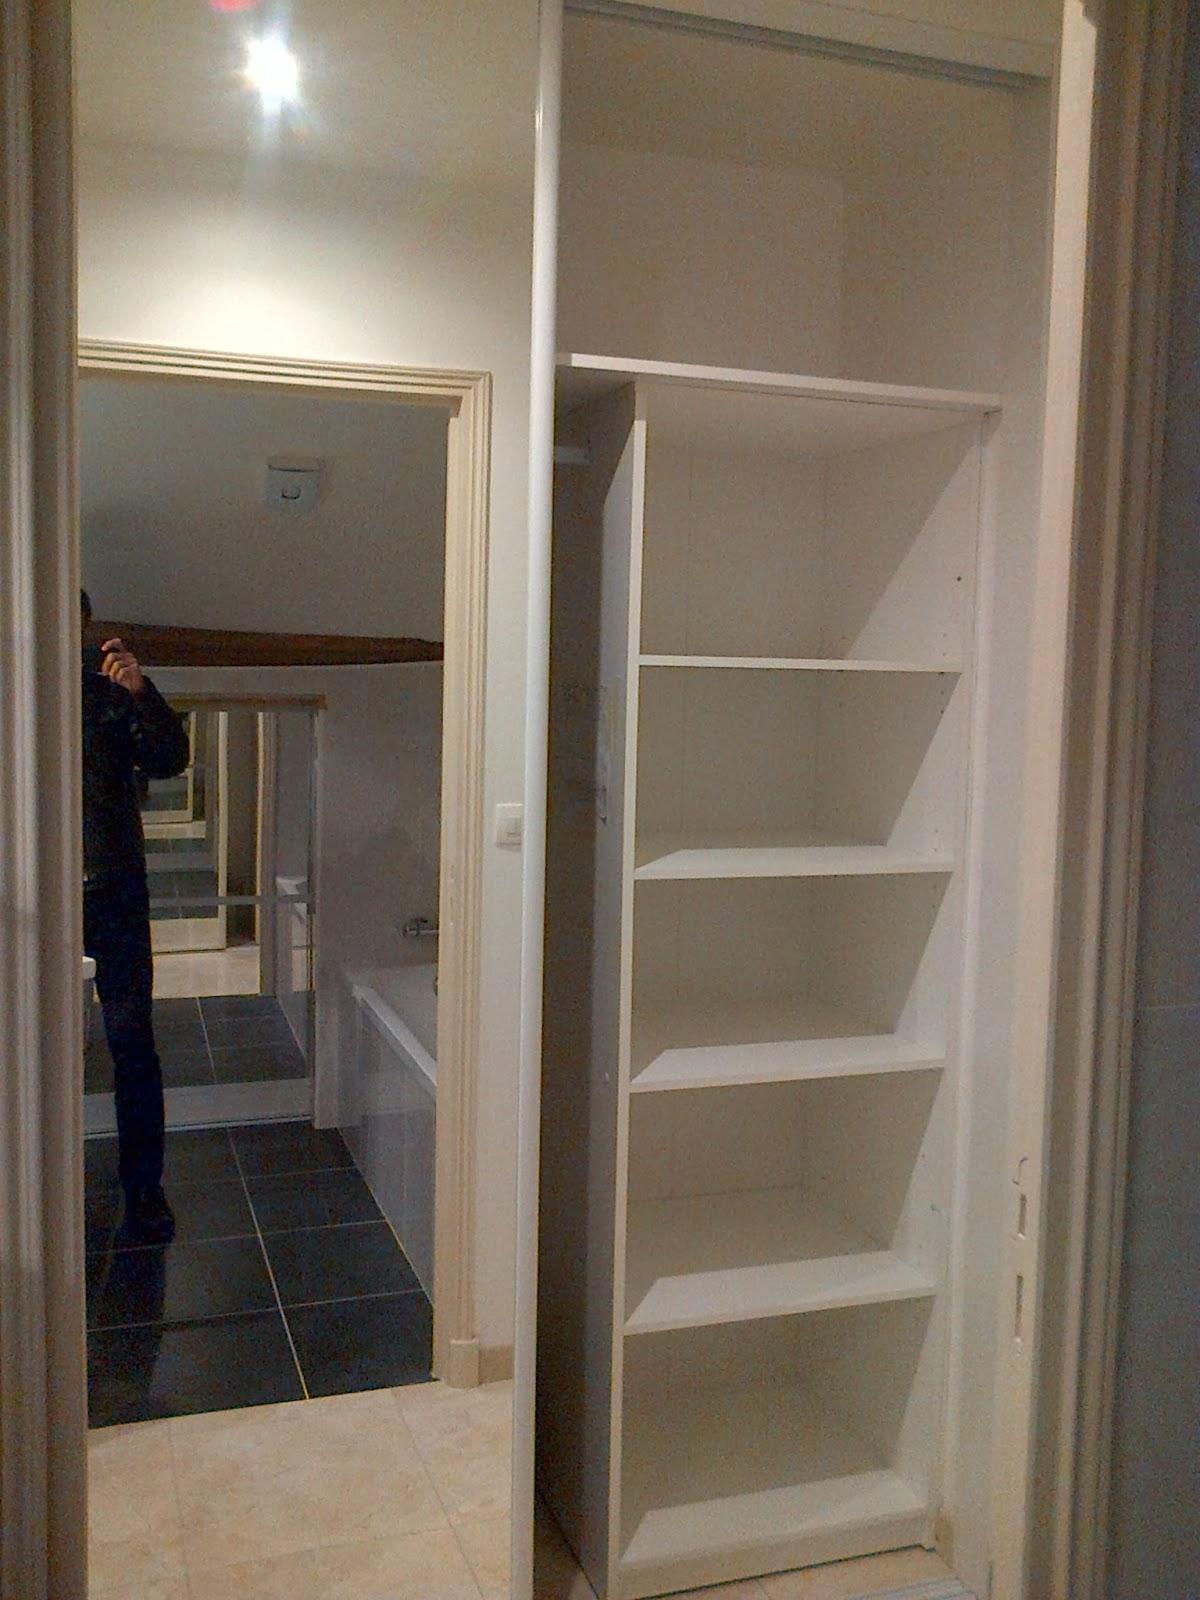 derni re phase des travaux les finitions villa des abeilles chantier de restauration d. Black Bedroom Furniture Sets. Home Design Ideas